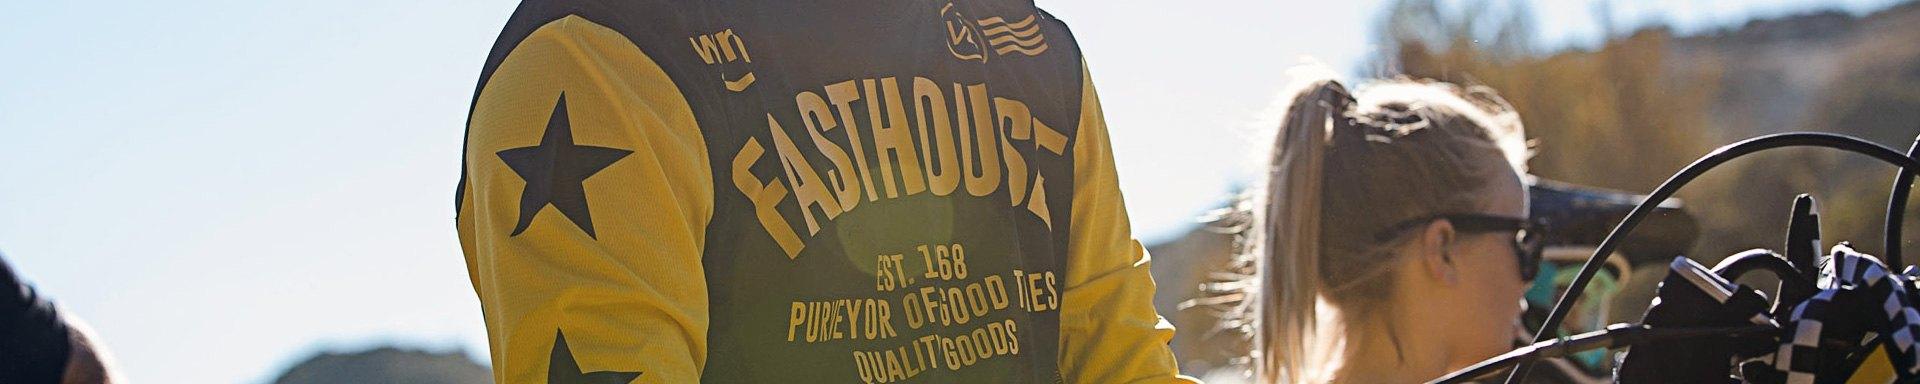 6f5819ffeff Fasthouse Head Gear